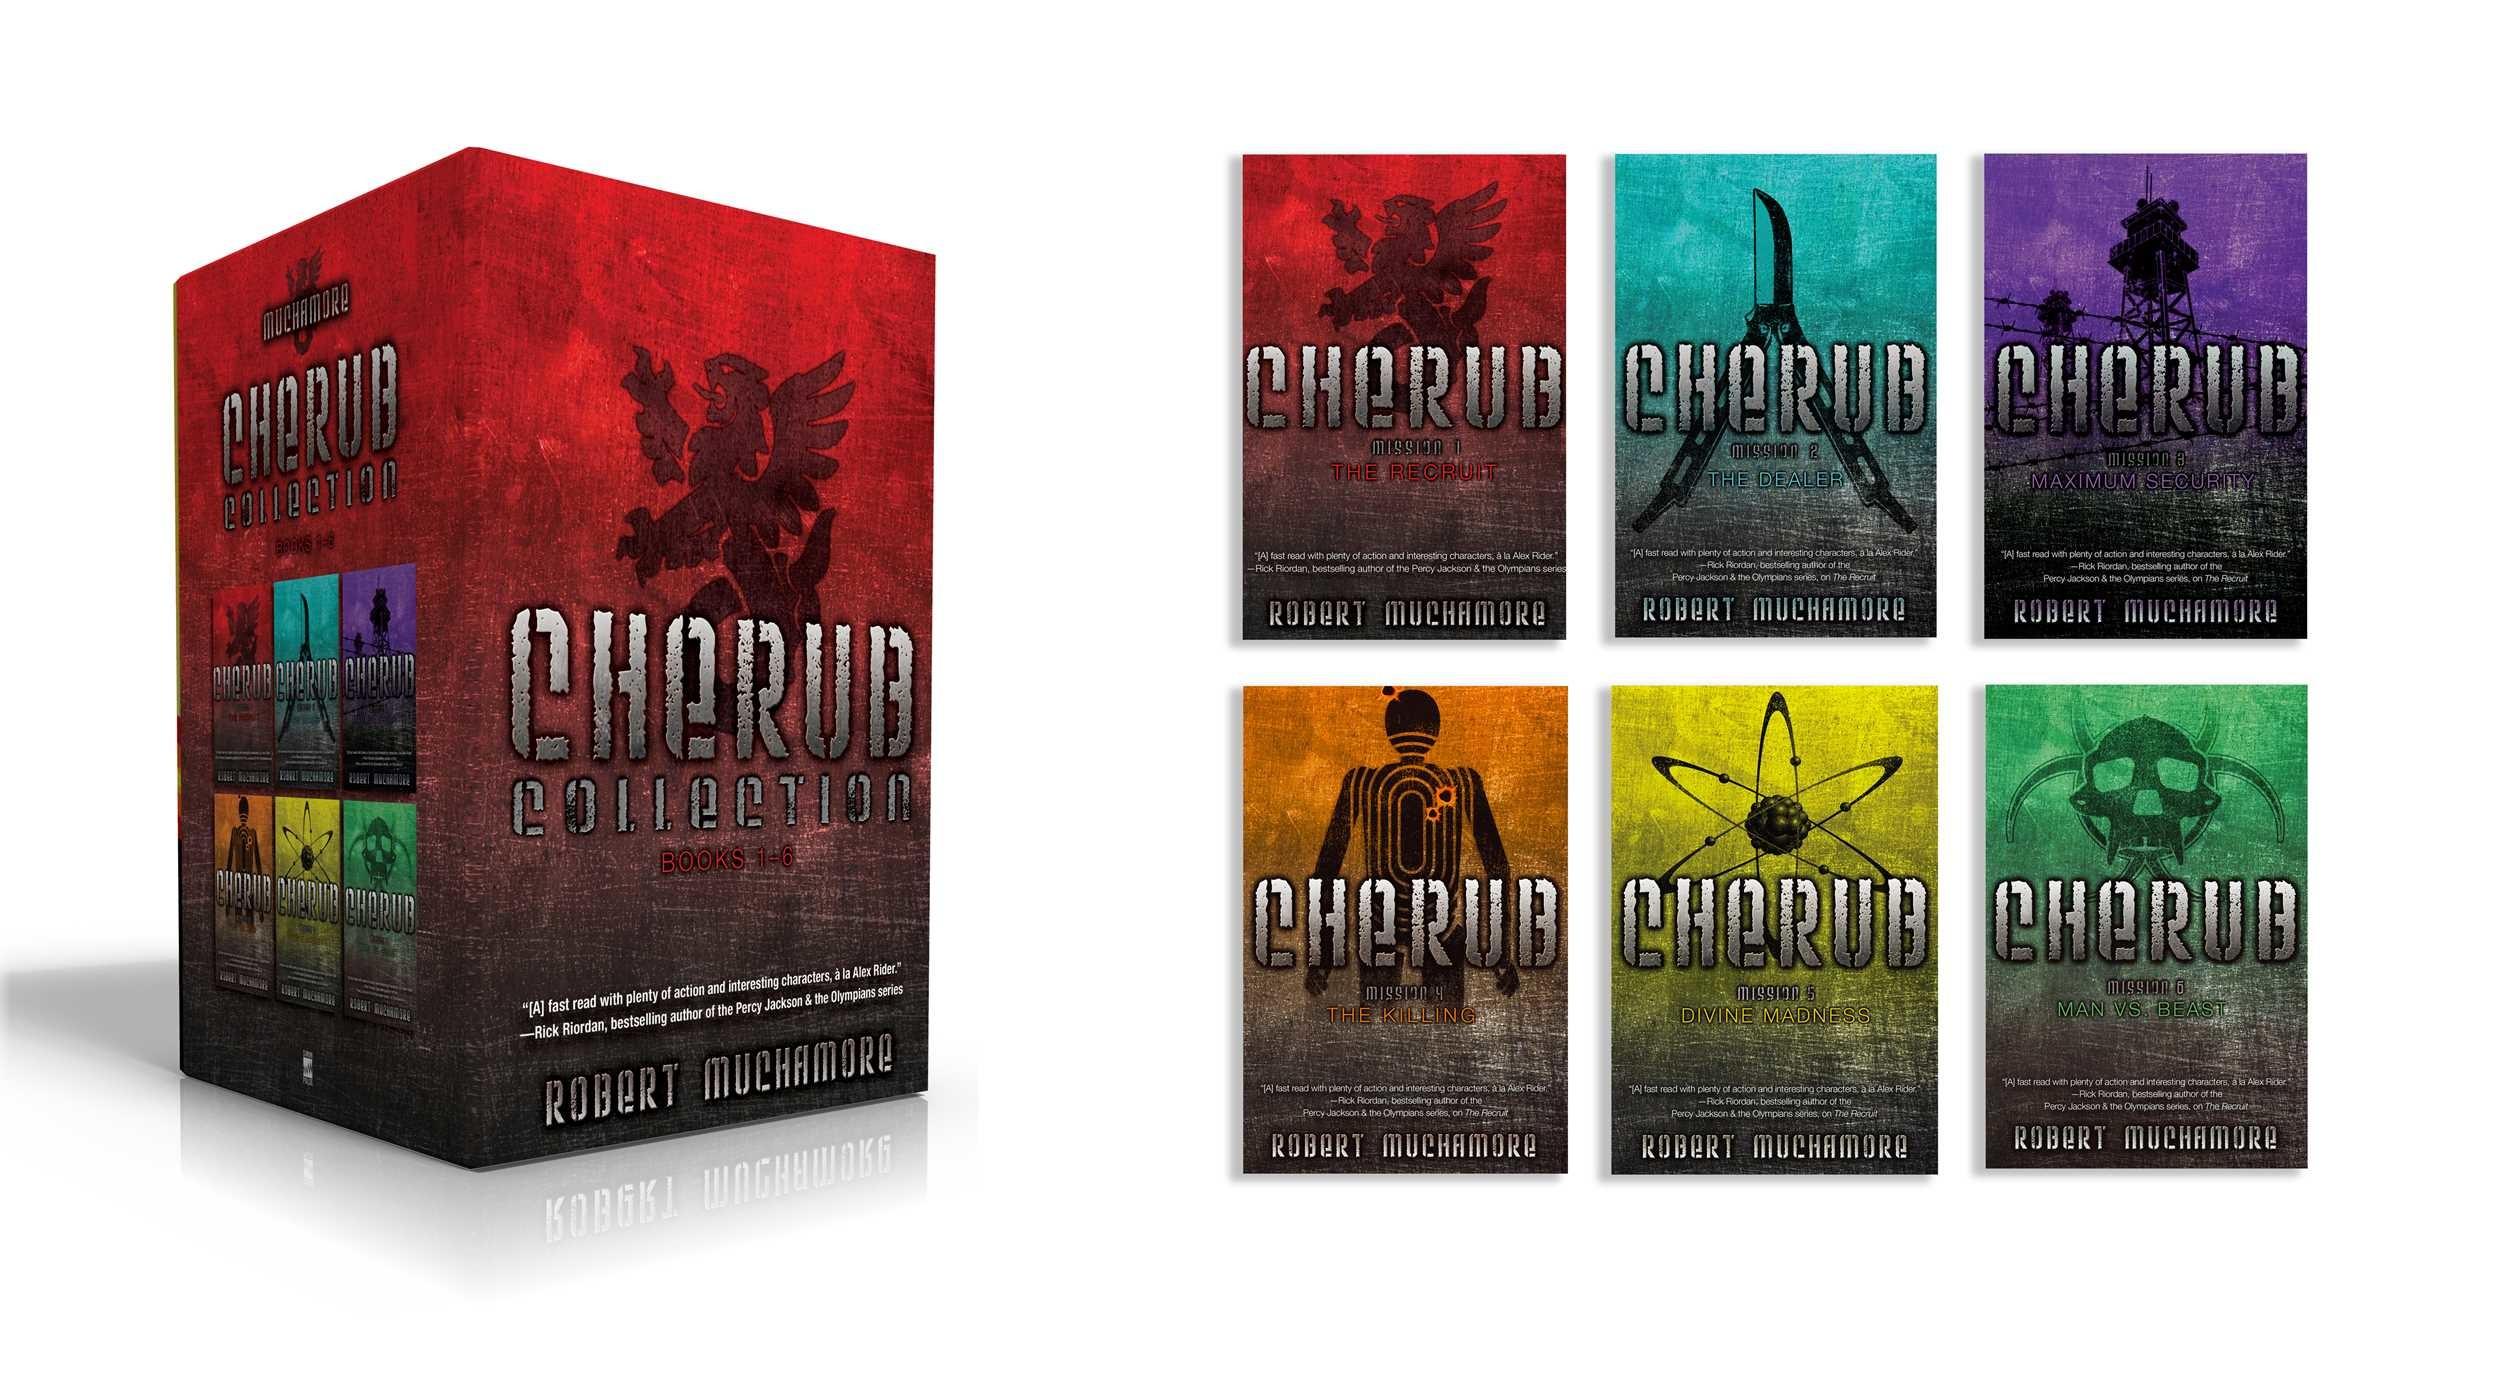 Cherub collection books 1 6 9781481486767.in01